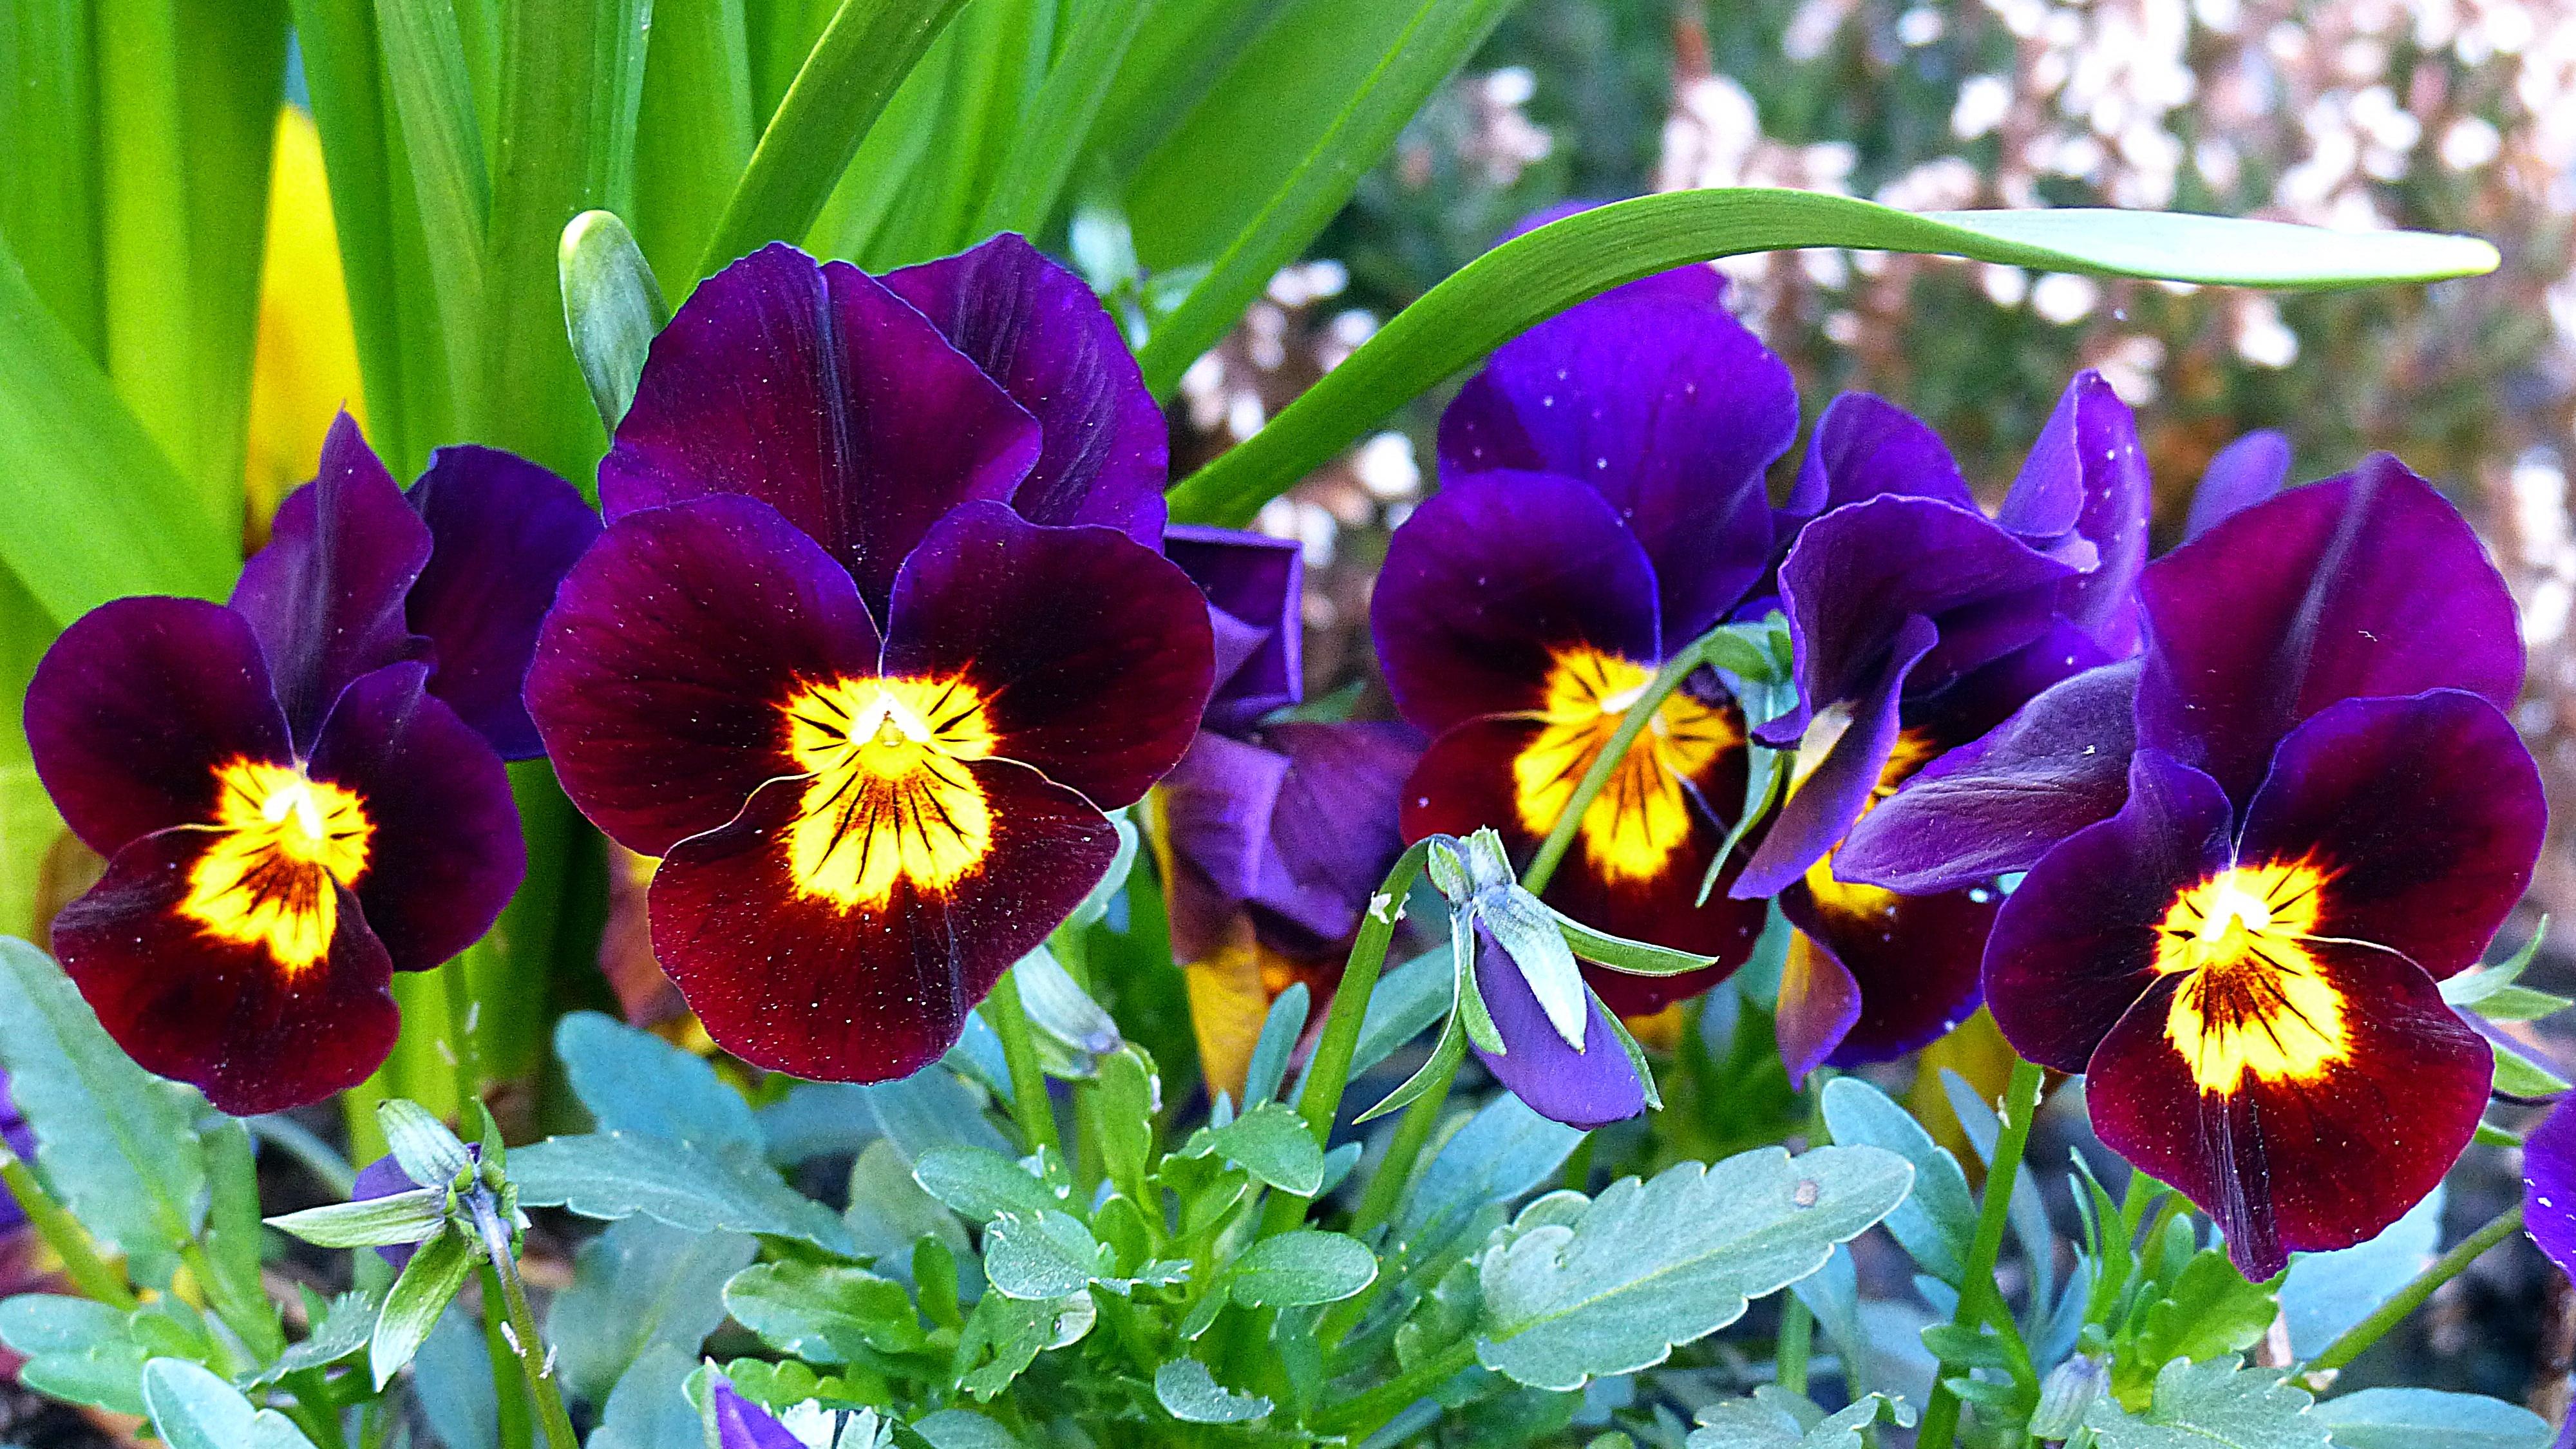 Images gratuites fleur violet p tale floraison printemps bleu flore fleur sauvage - Image fleur violette gratuite ...